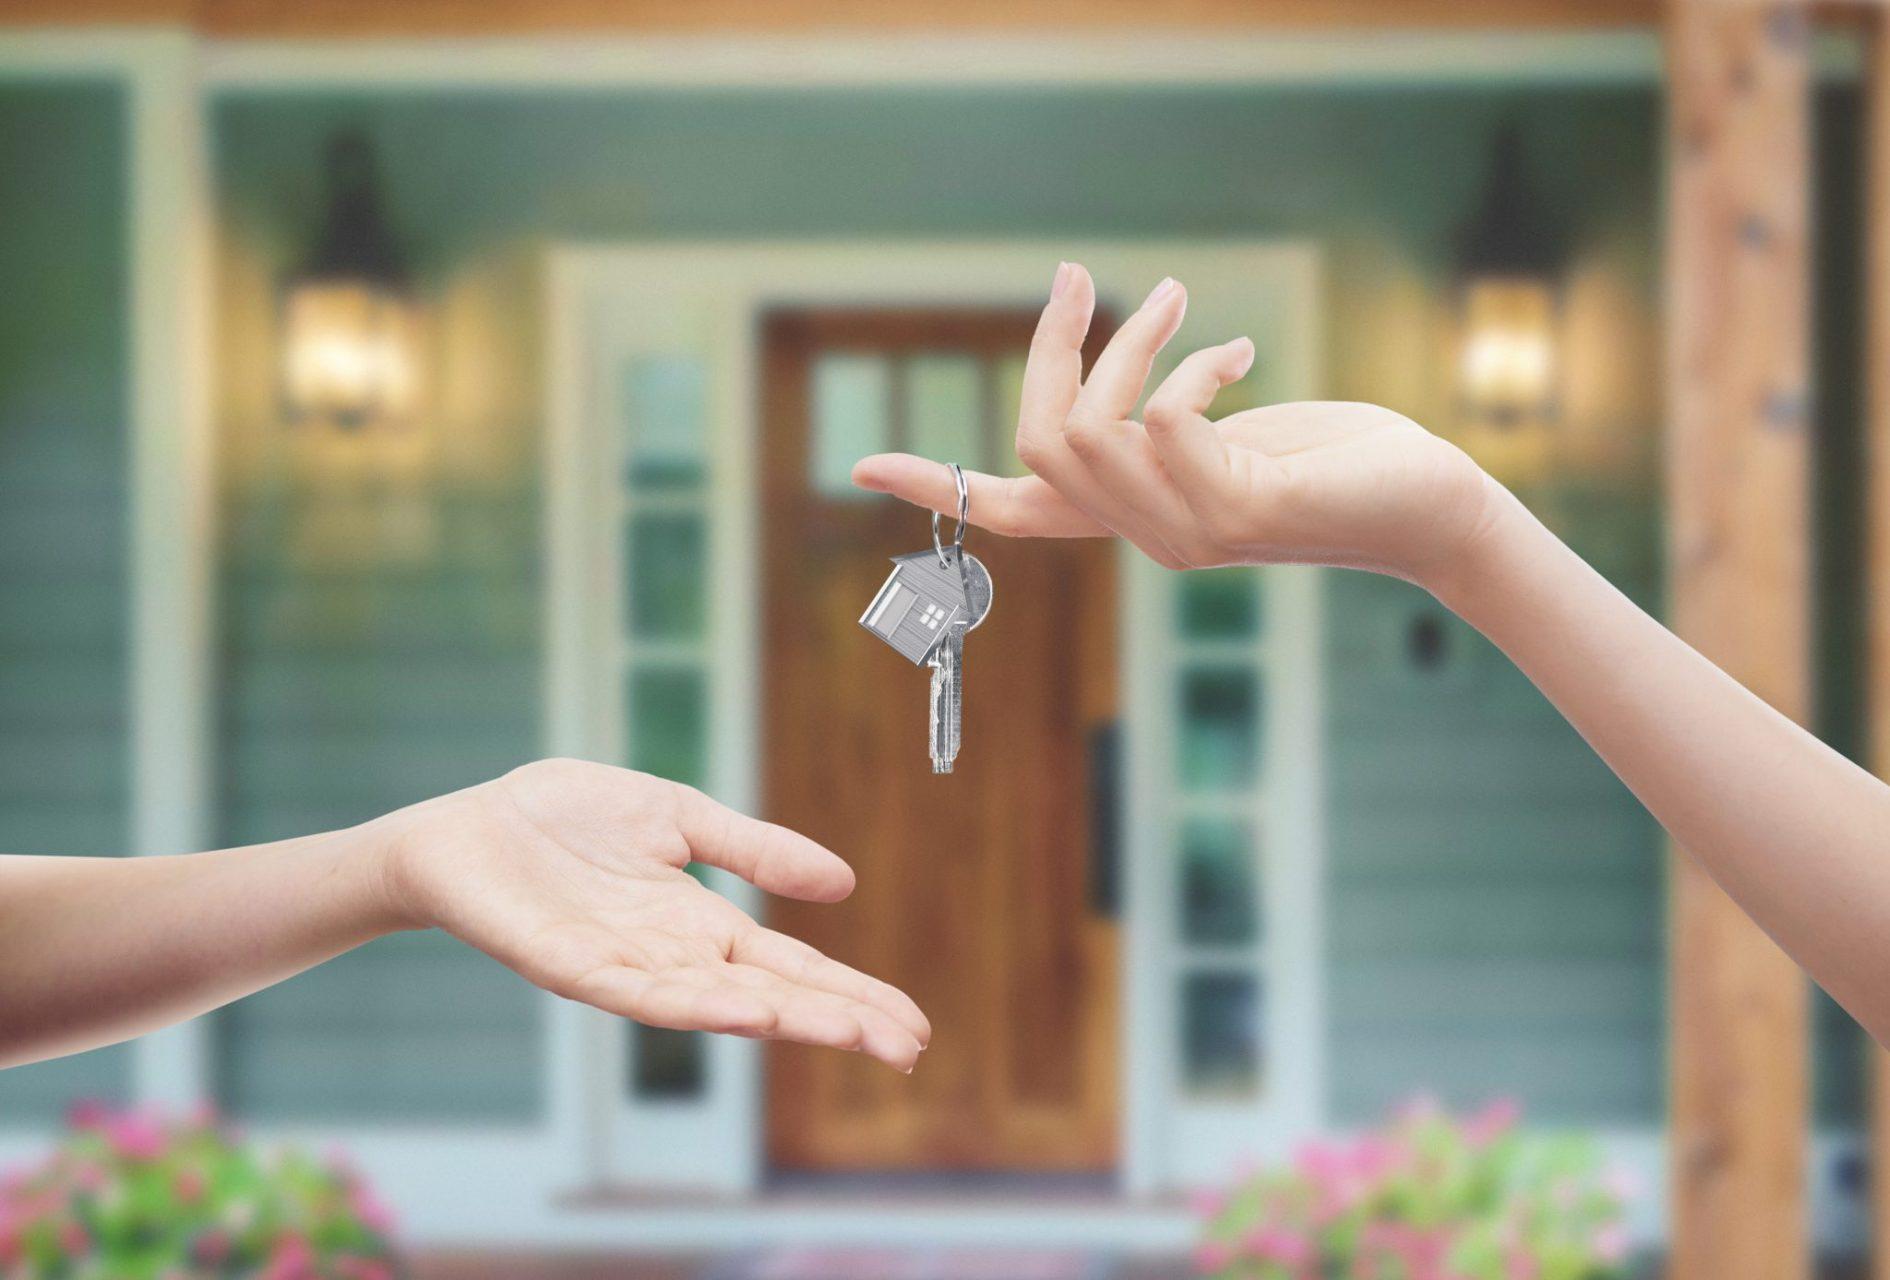 SAGIL, location de biens immobiliers depuis 40 ans.